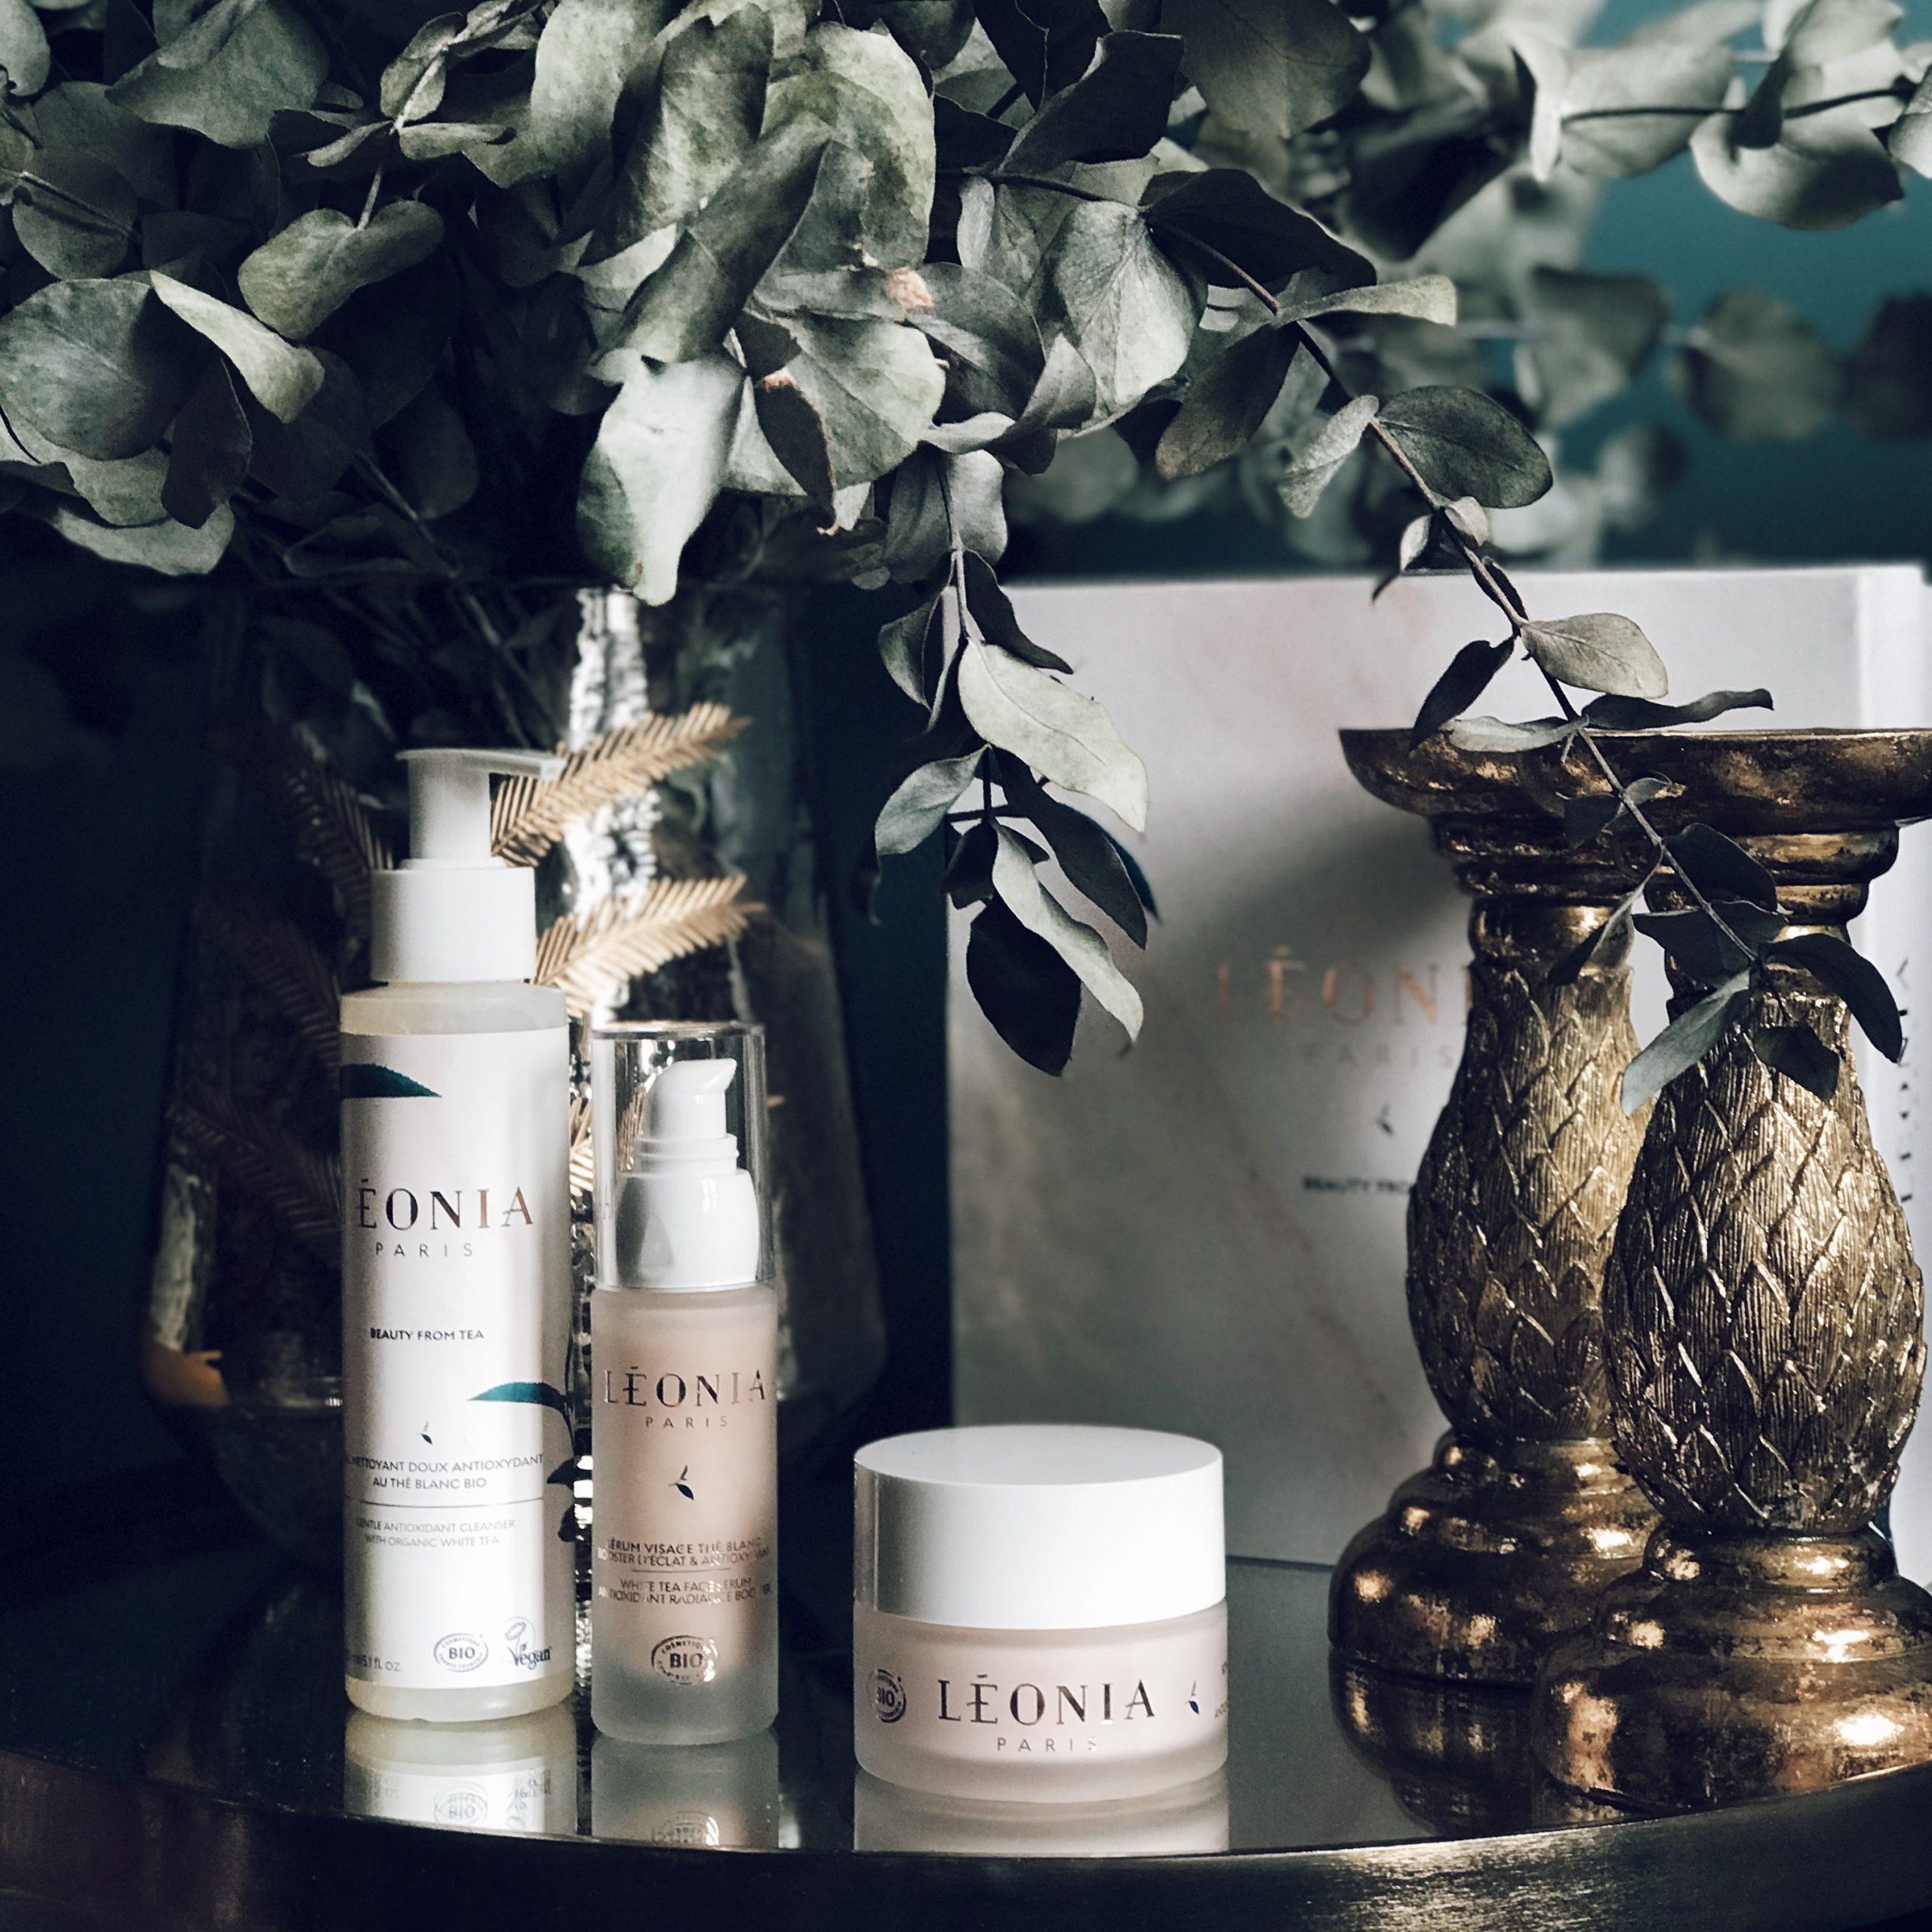 Leonia-cosmetique-thé